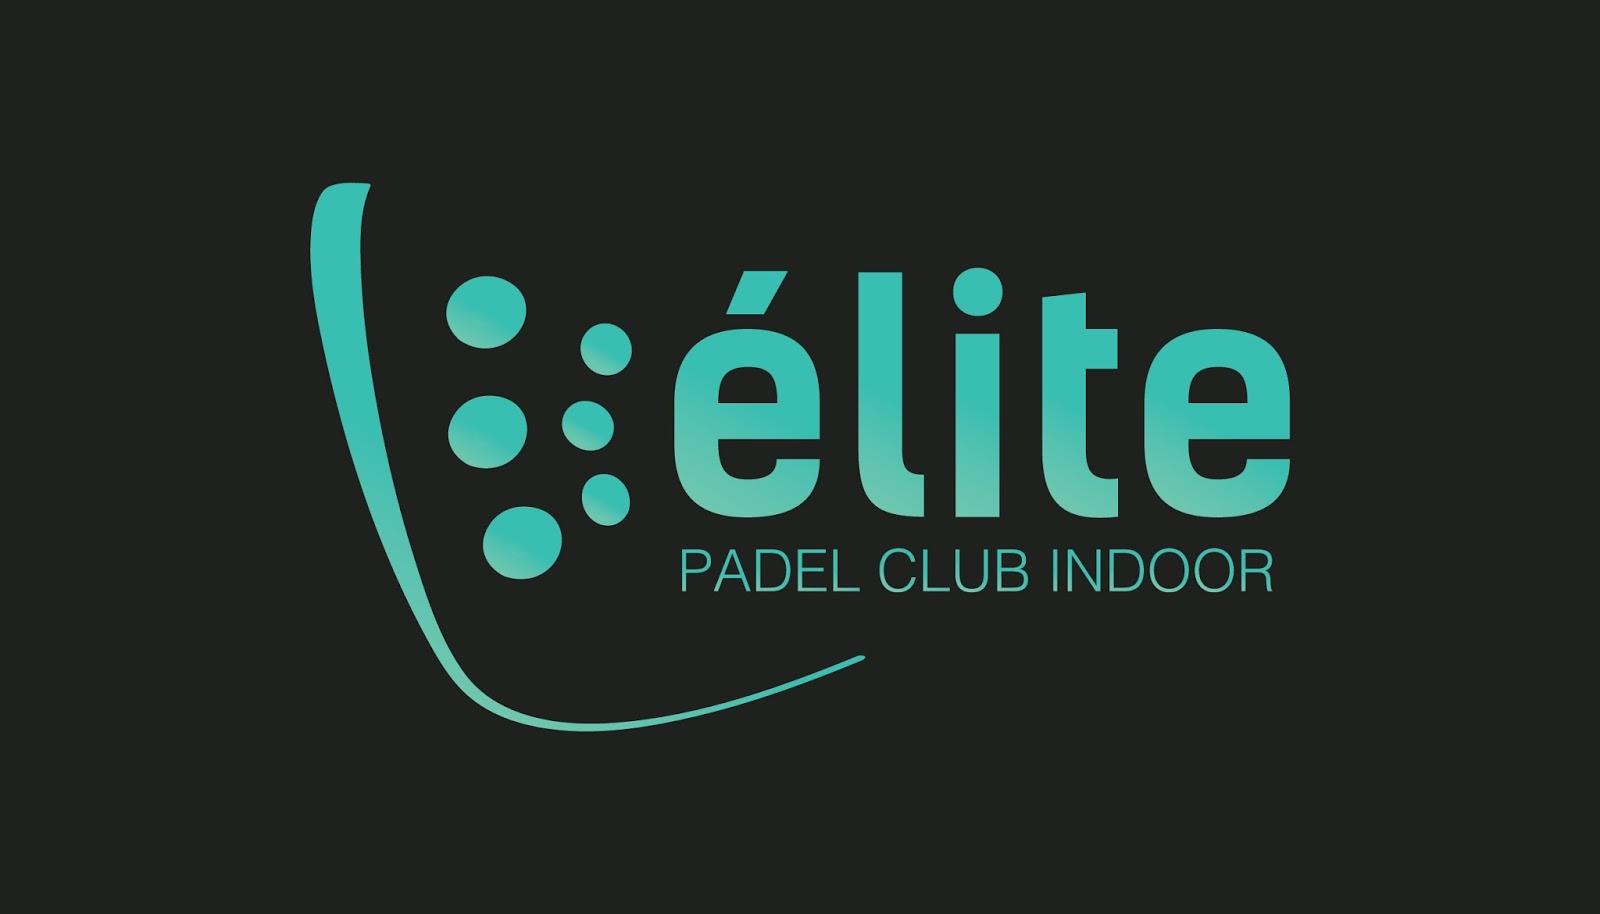 Logo del club de pádel indoor, ubicado en Almería, Élite Pádel Club.